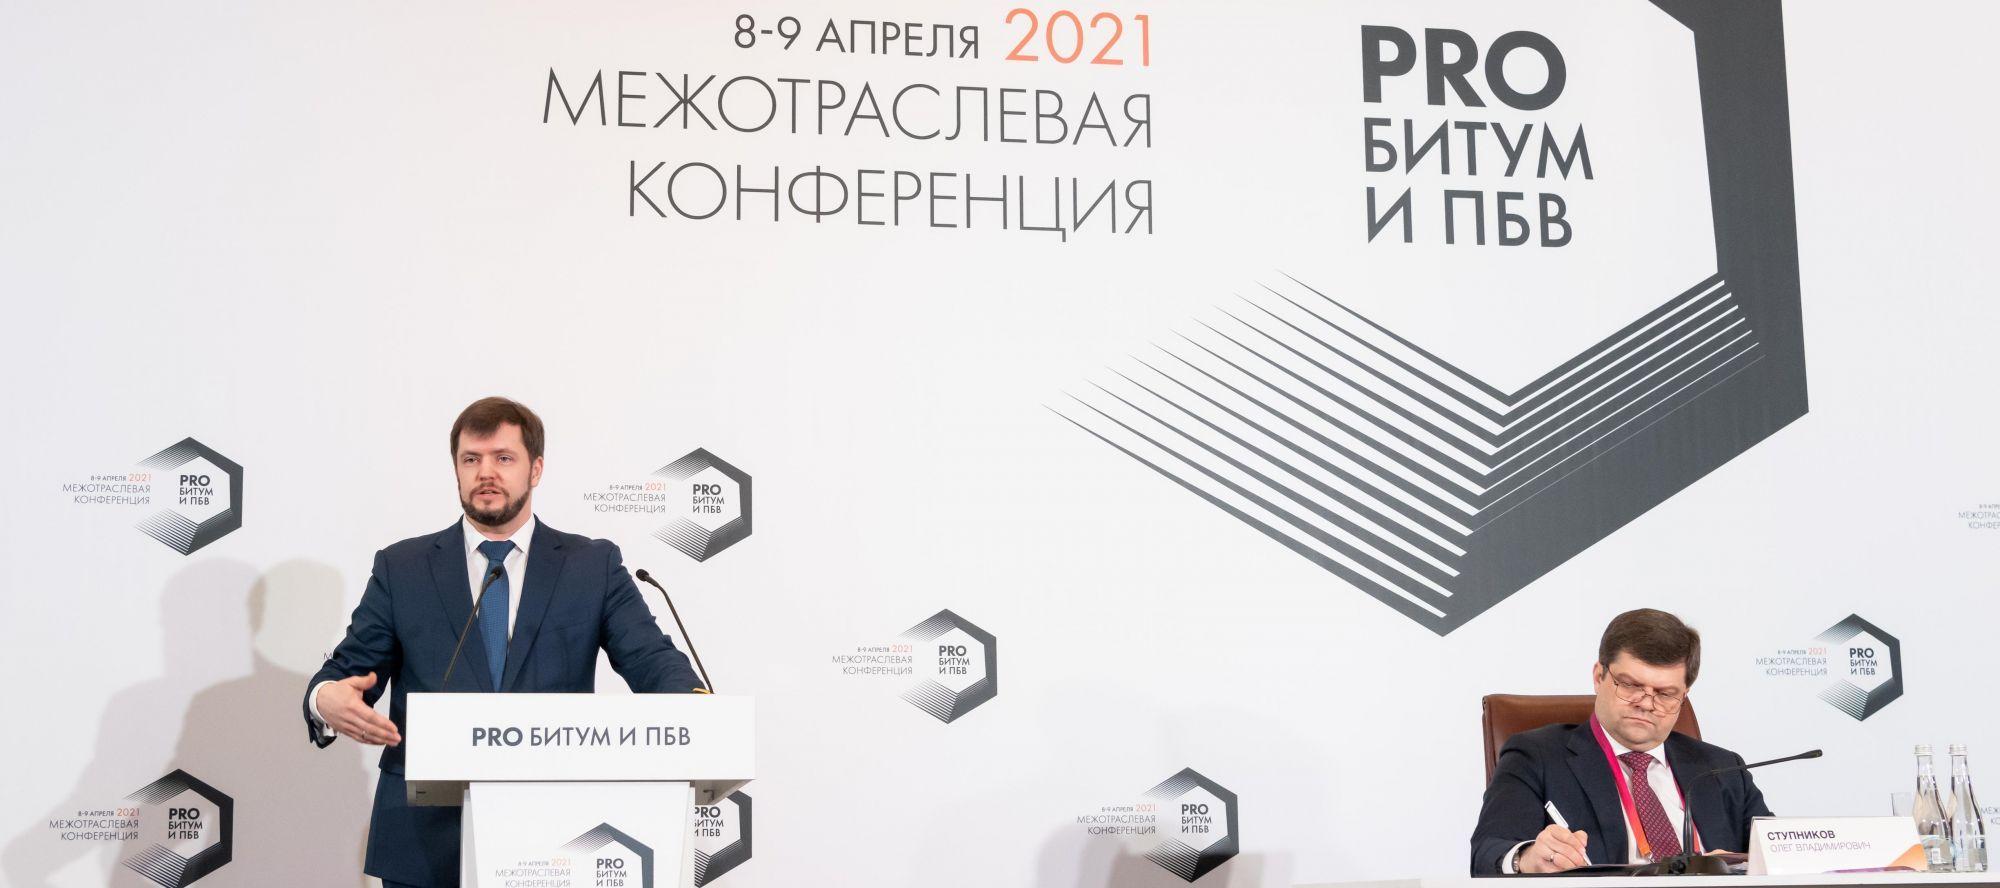 На межотраслевой конференции «PRO Битум и ПБВ» определили основные задачи битумного рынка на 2021 год